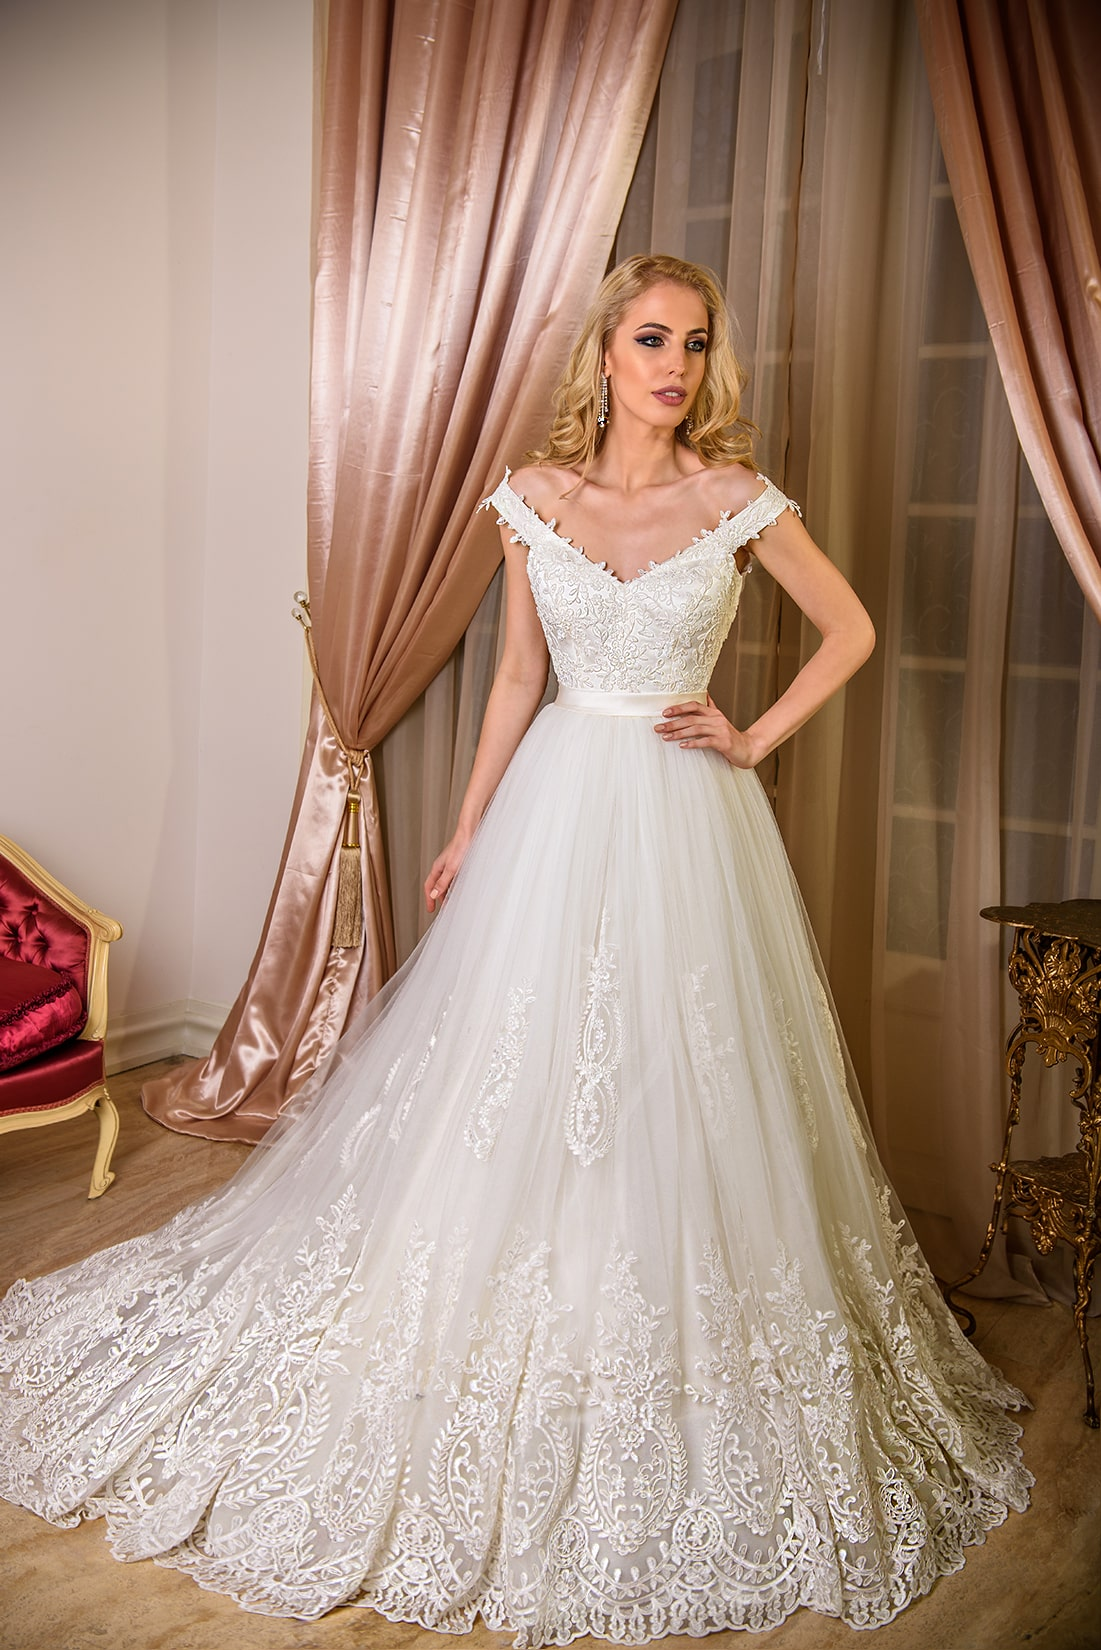 Nisha Model - Colectia Baroque - Adora Sposa